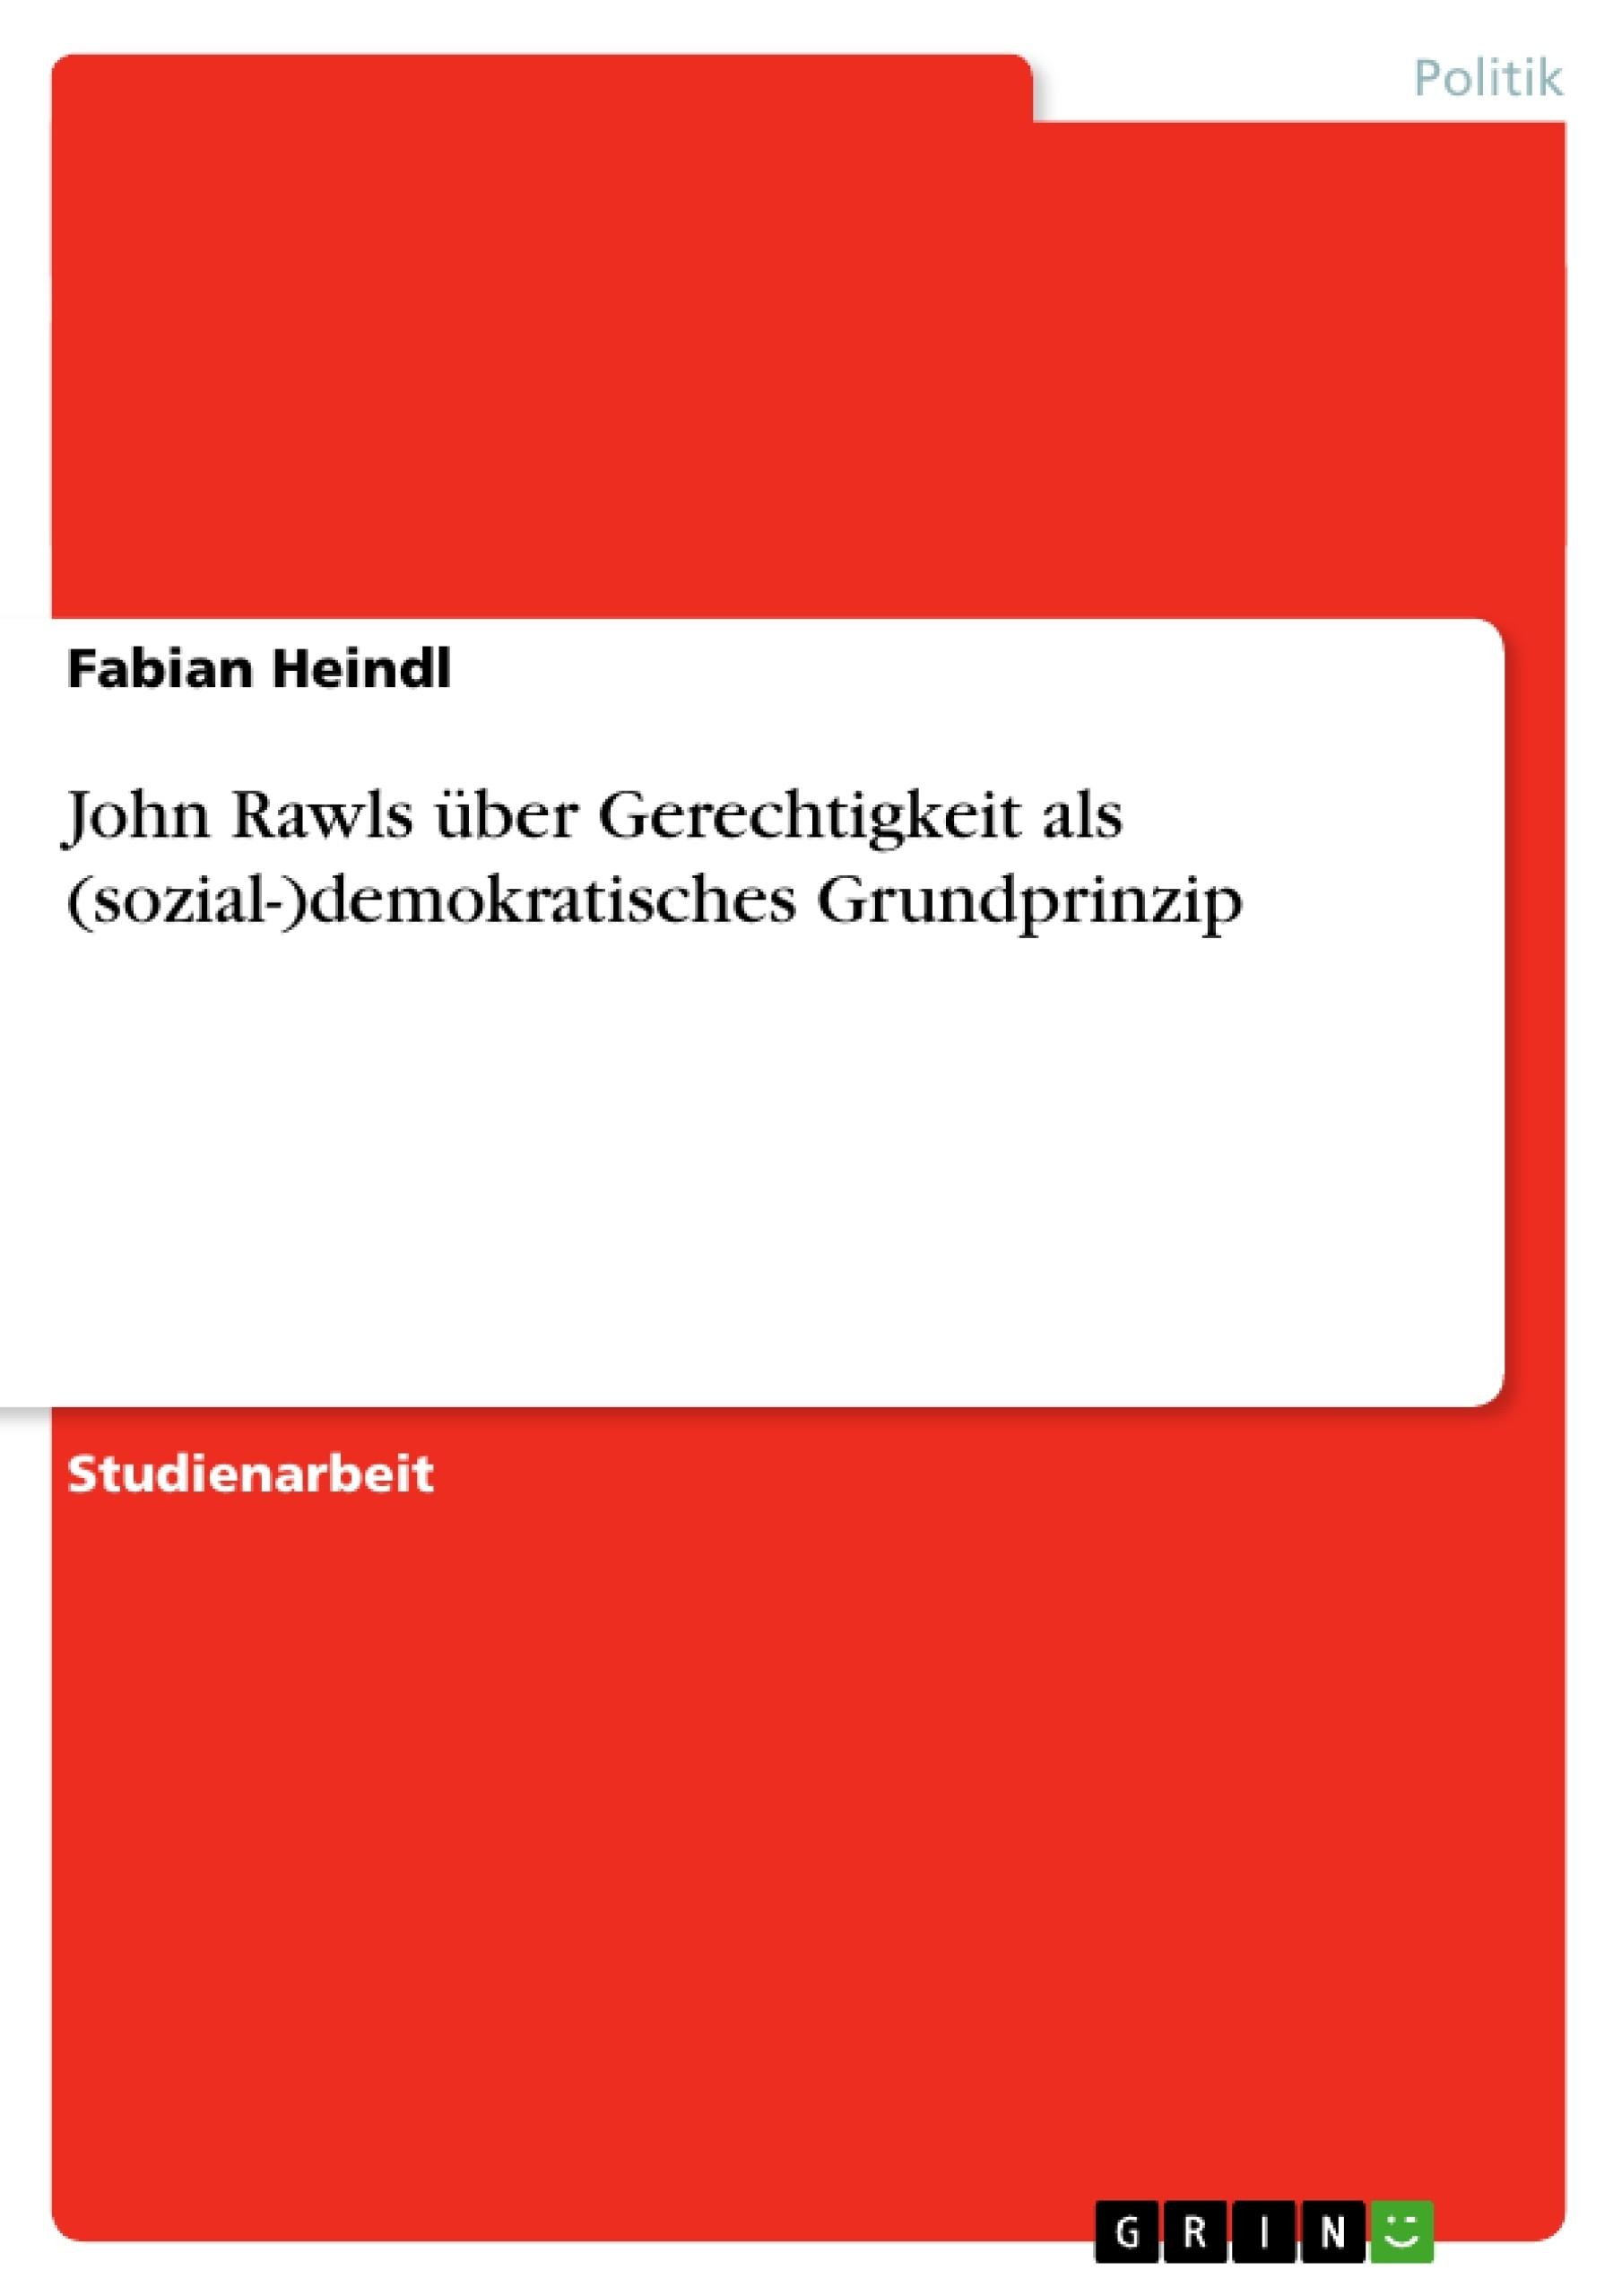 Titel: John Rawls über Gerechtigkeit als (sozial-)demokratisches Grundprinzip